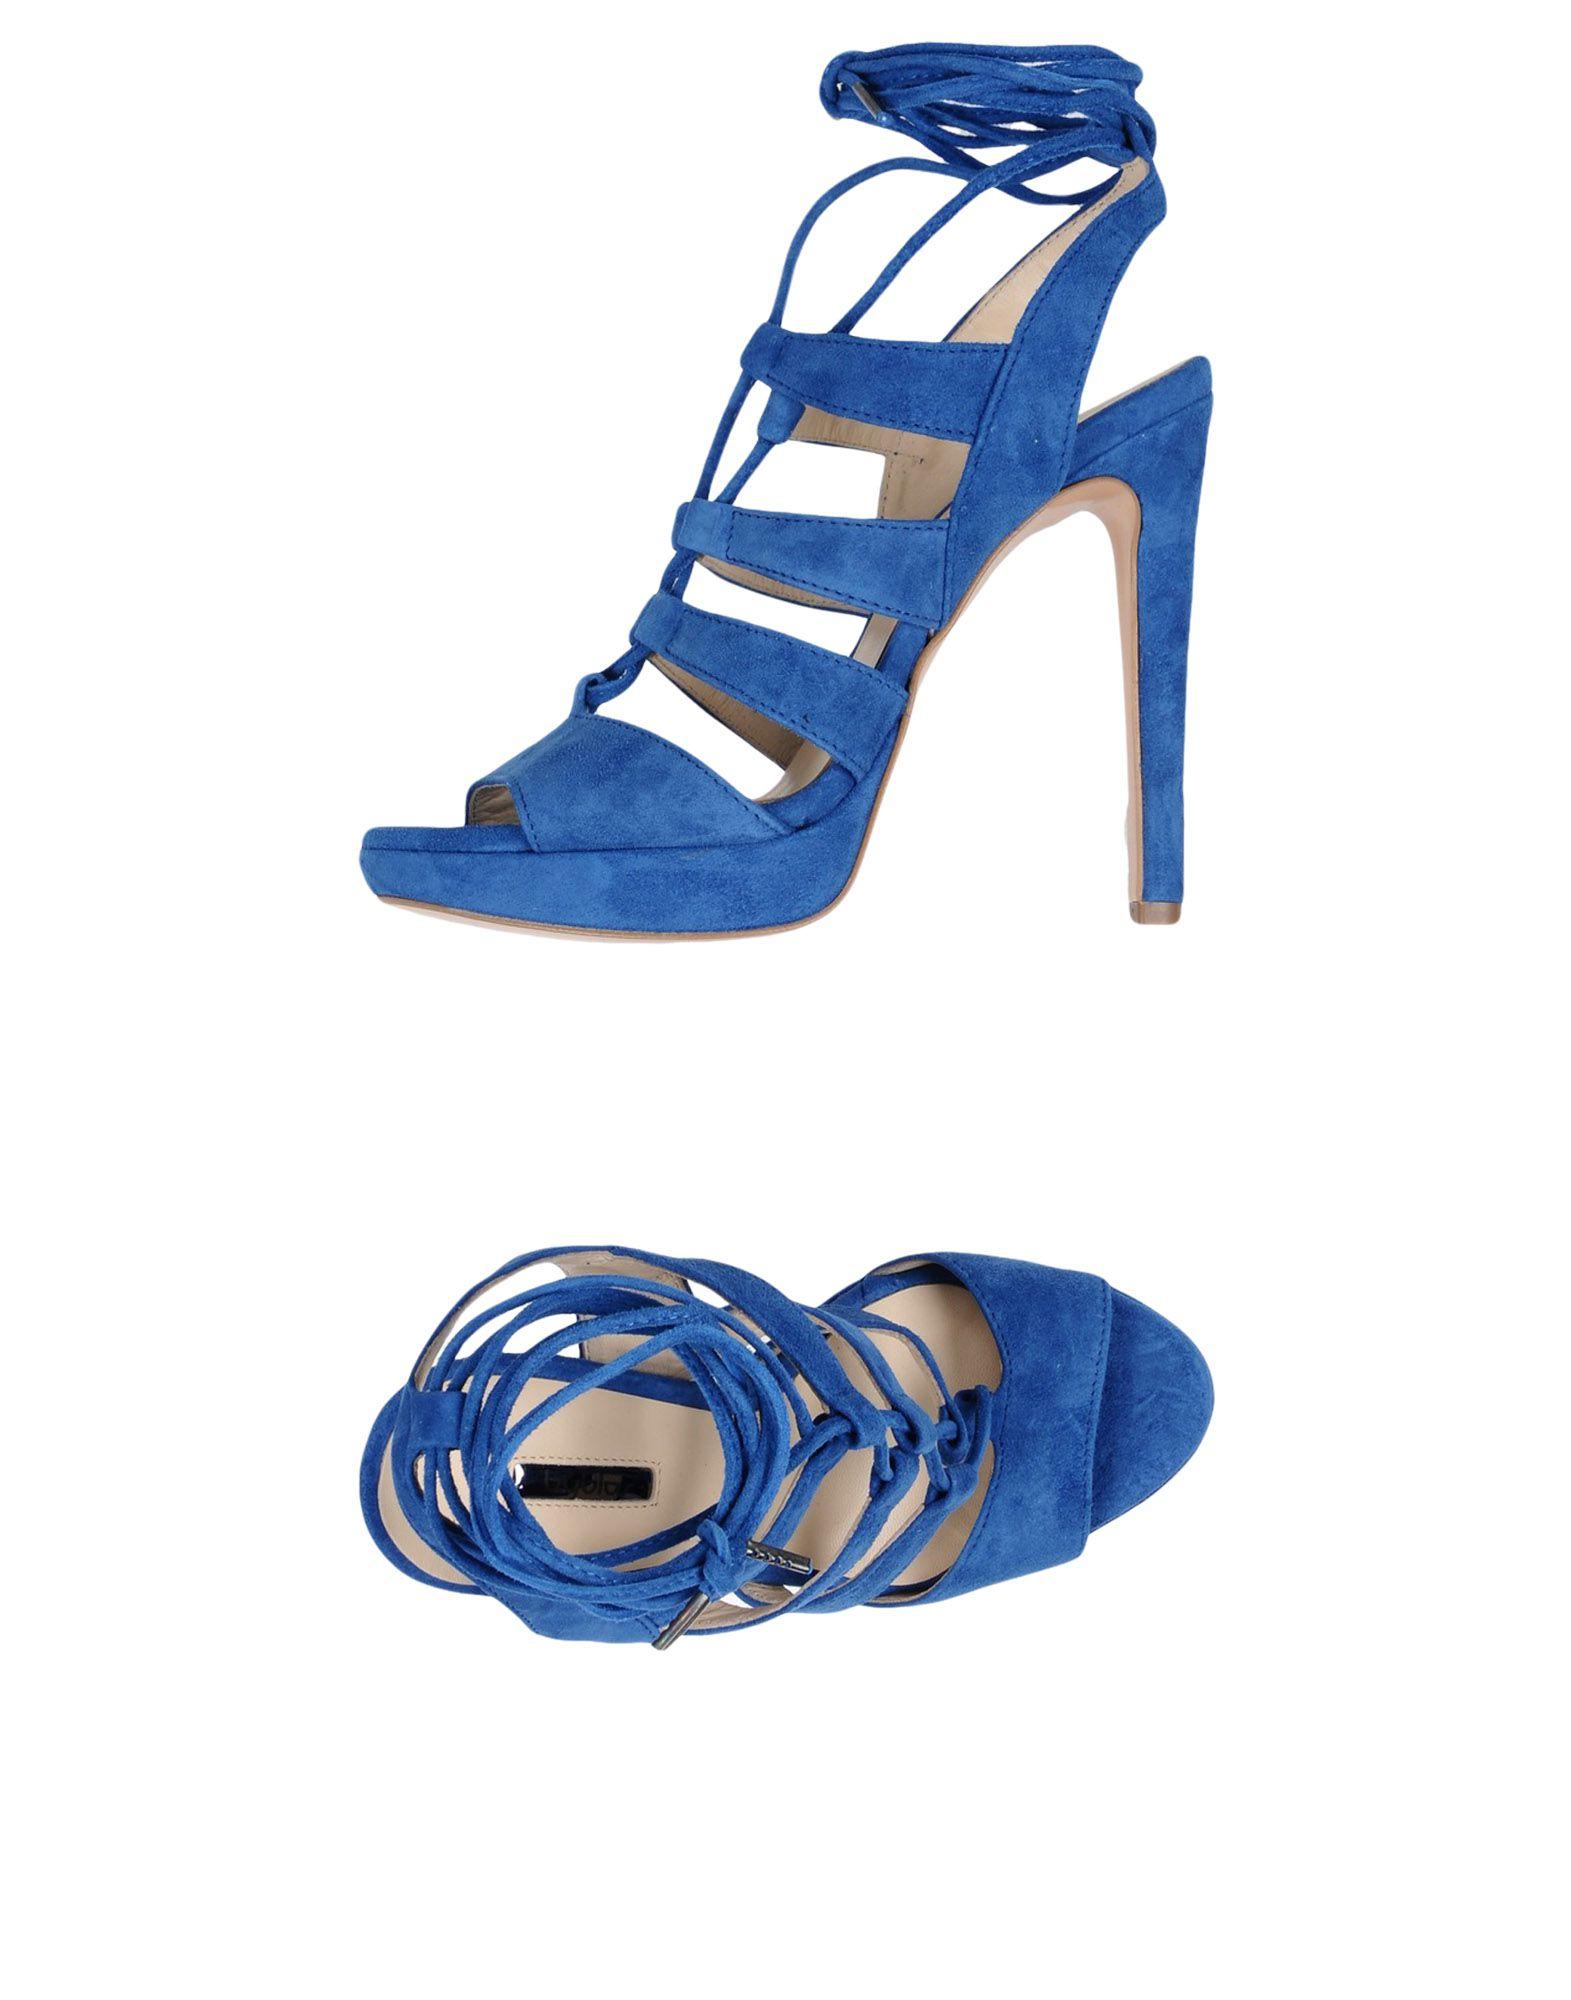 Sandali Byblos Donna - 11426306CL Scarpe economiche e buone